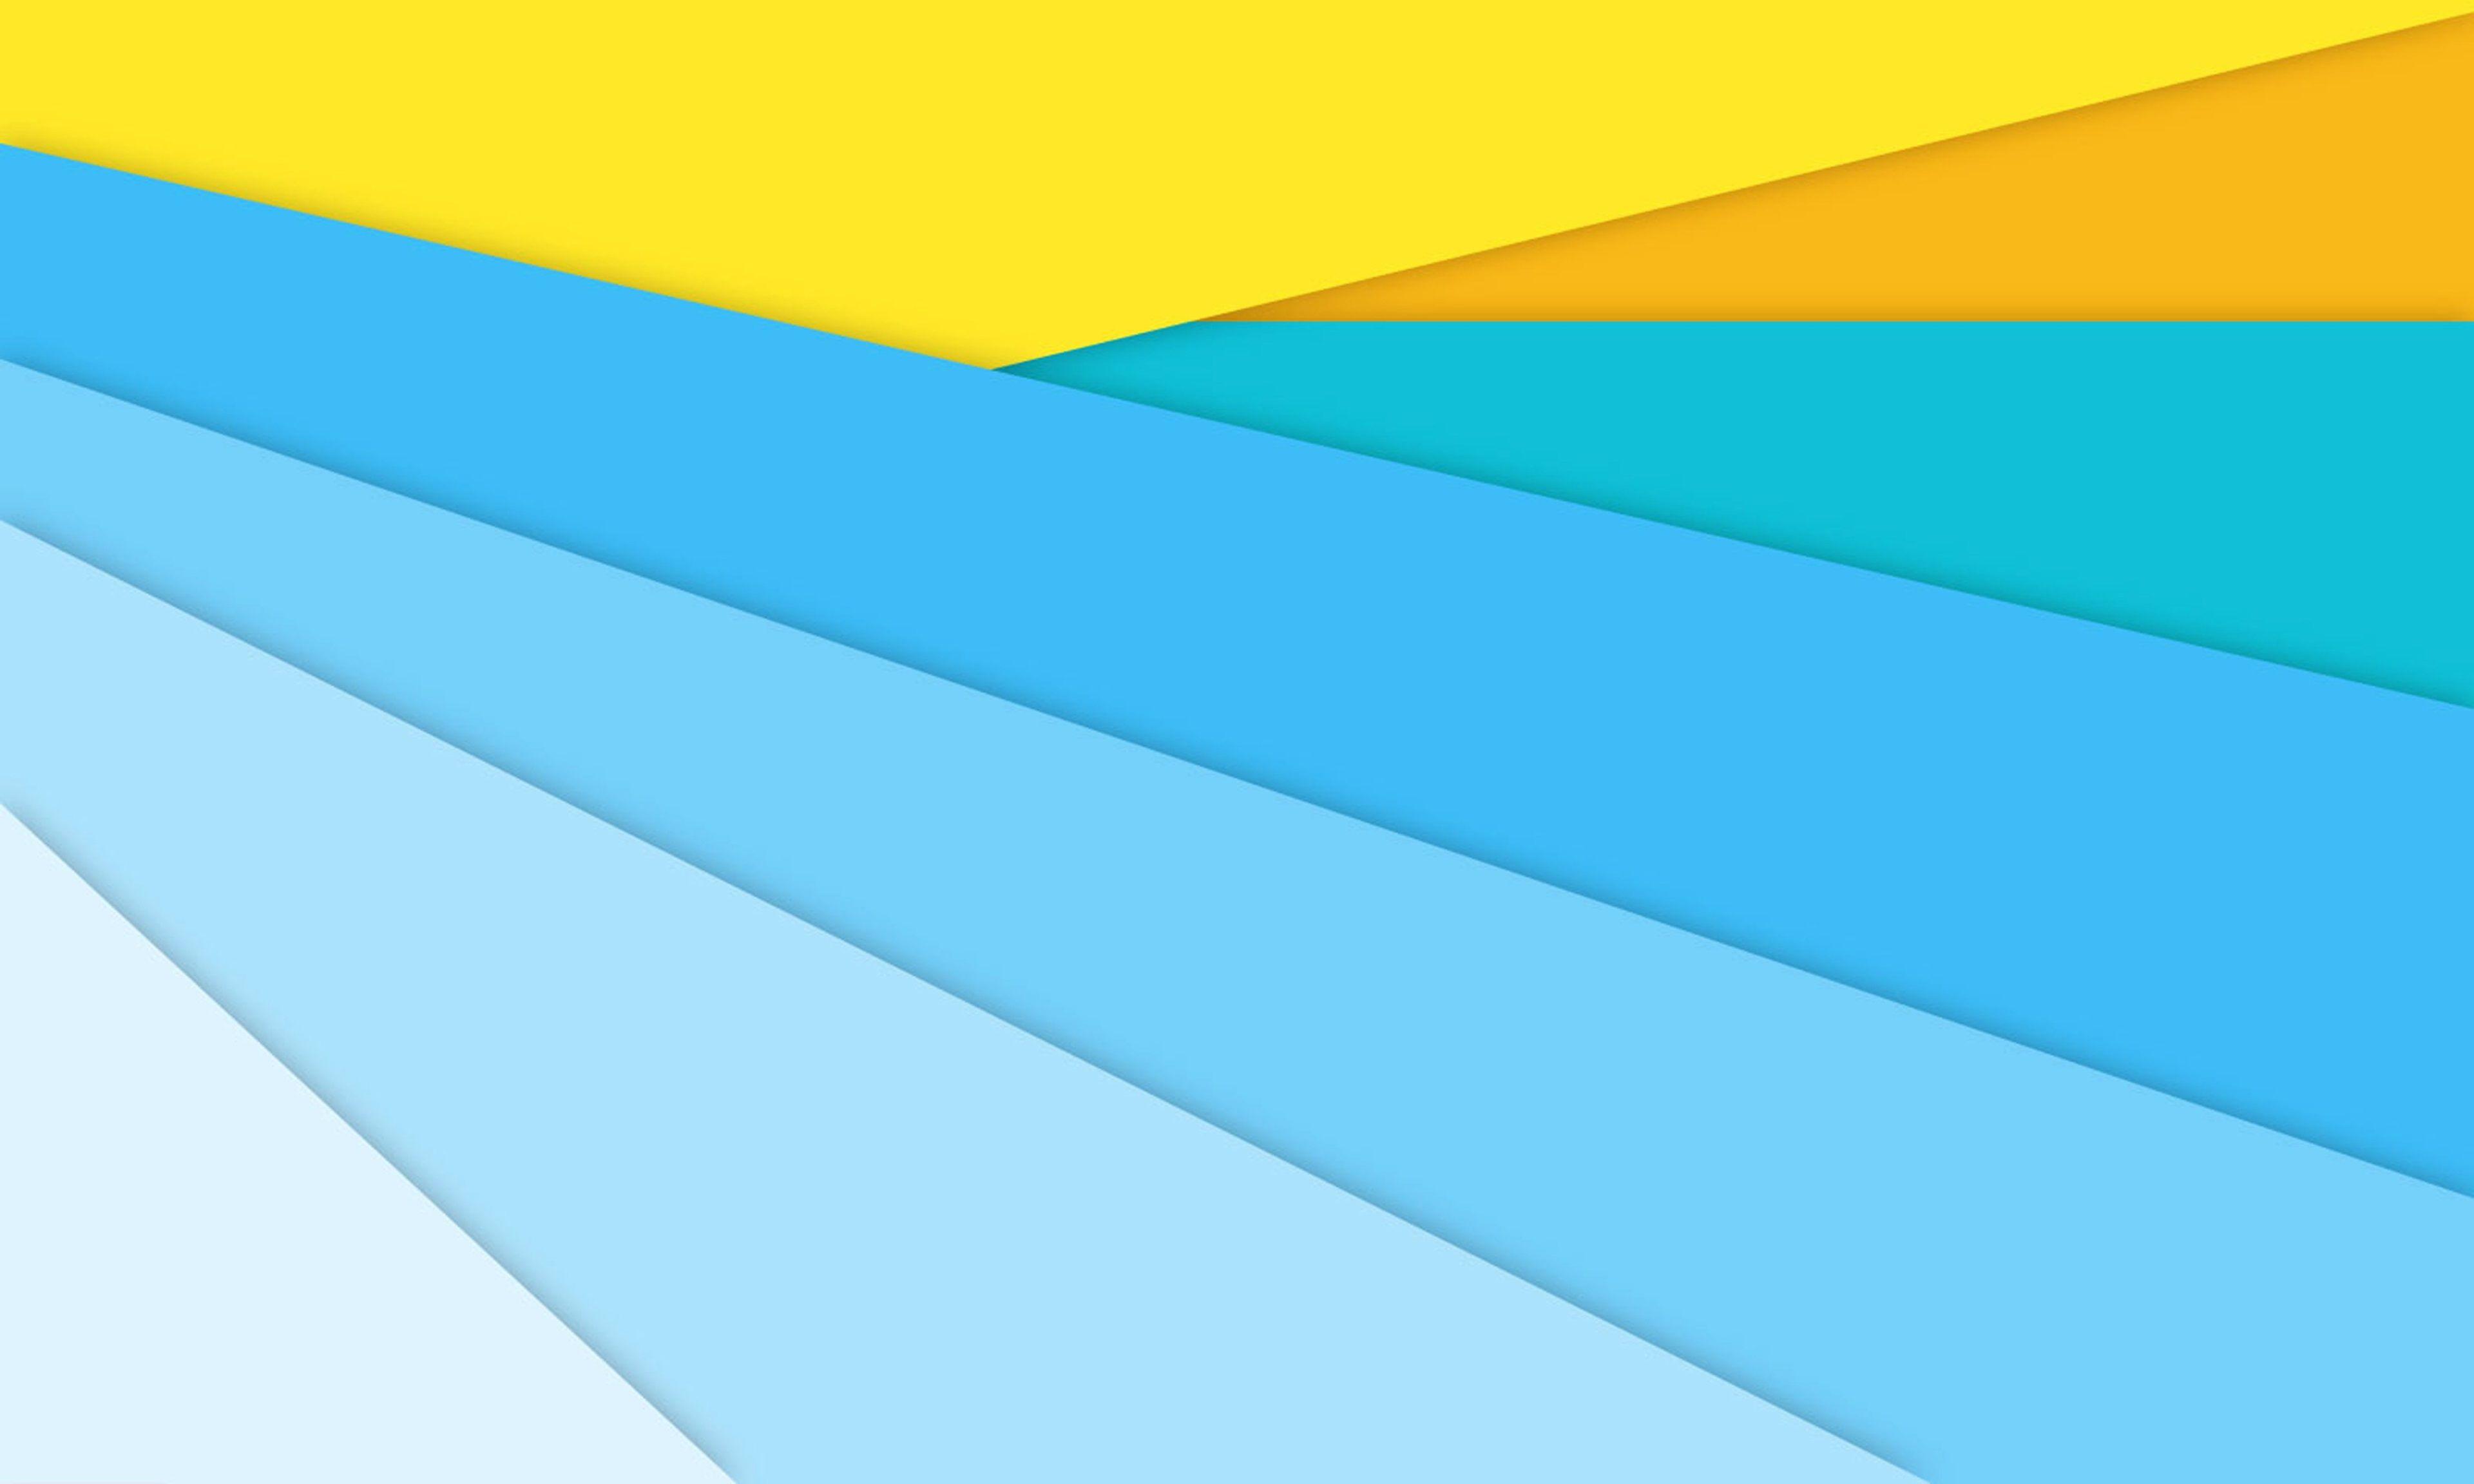 Обои wallpaper, desing, геометрия, салотовый, желтый. Абстракции foto 18